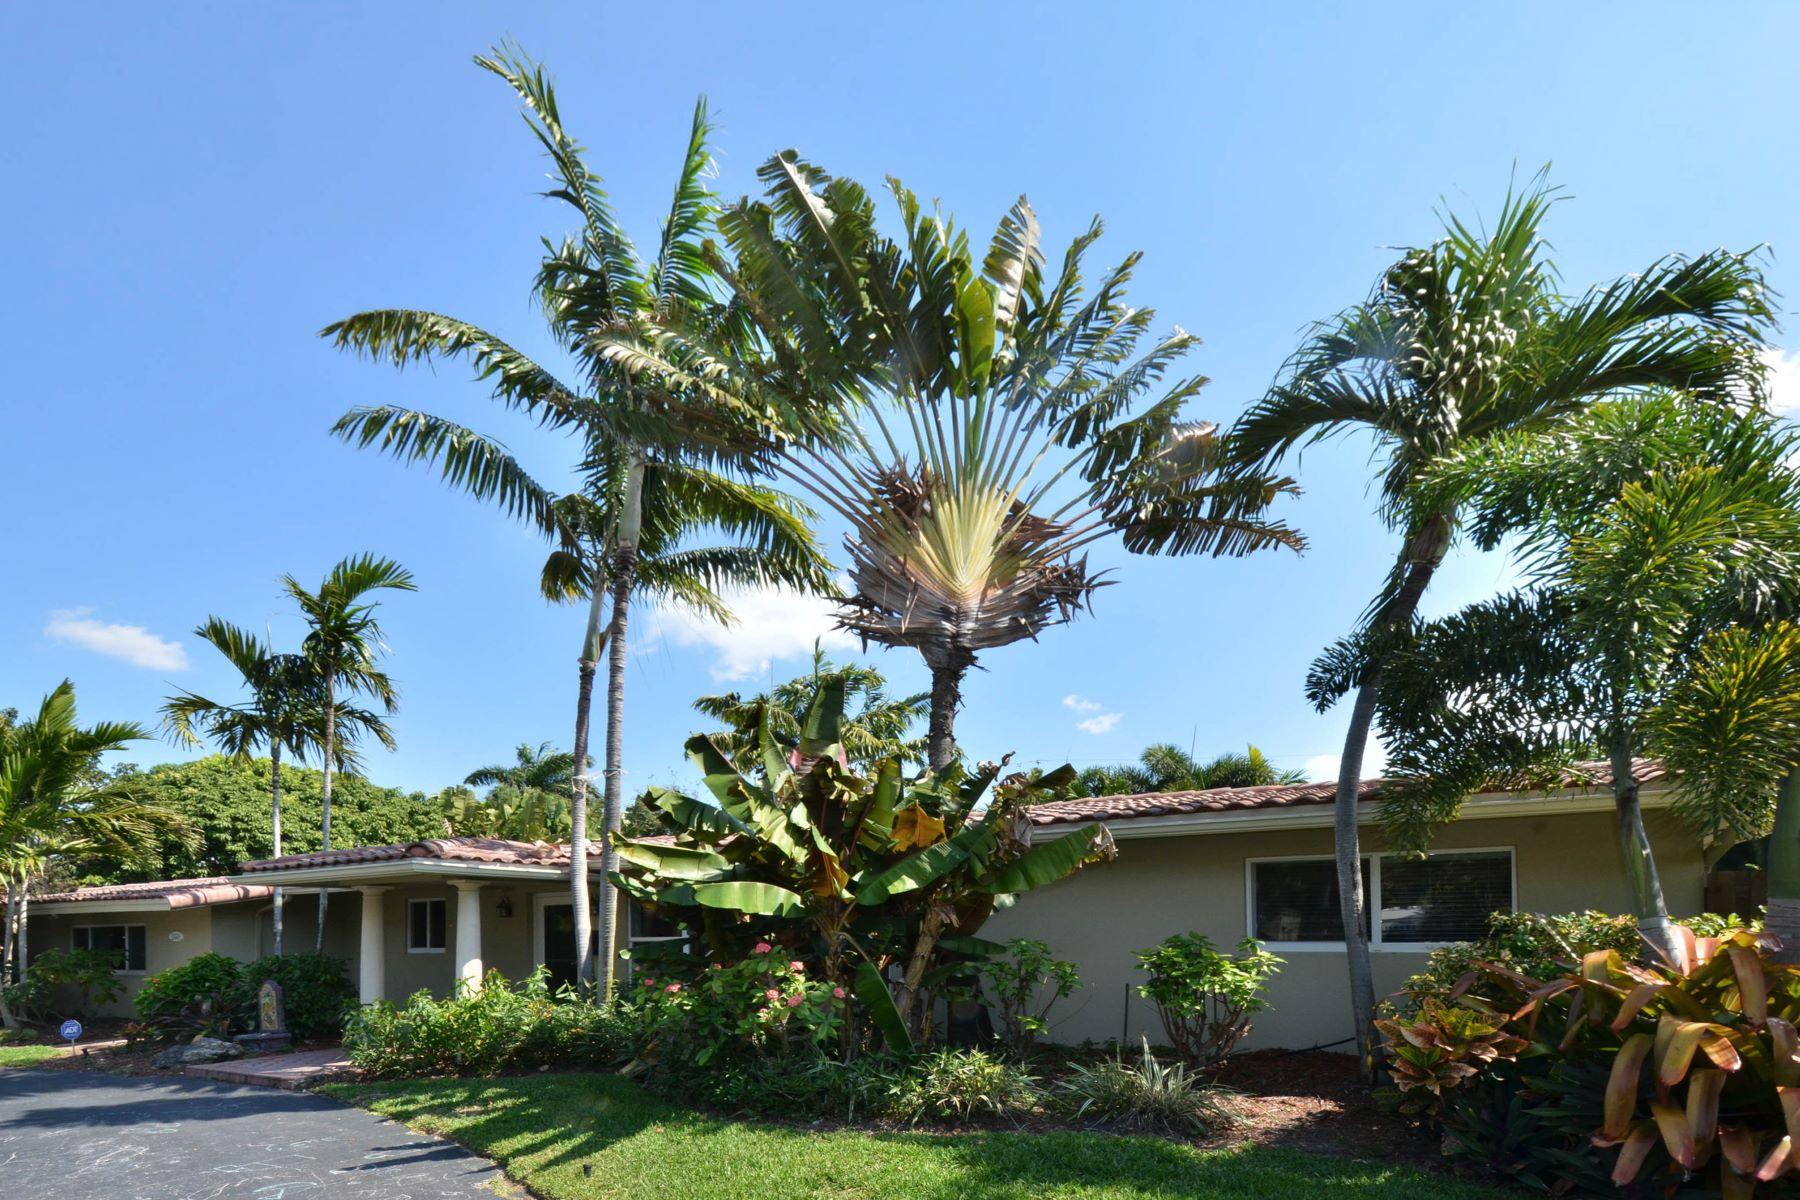 独户住宅 为 出租 在 2448 Ne 27 Terrace 劳德代尔堡, 佛罗里达州 33305 美国